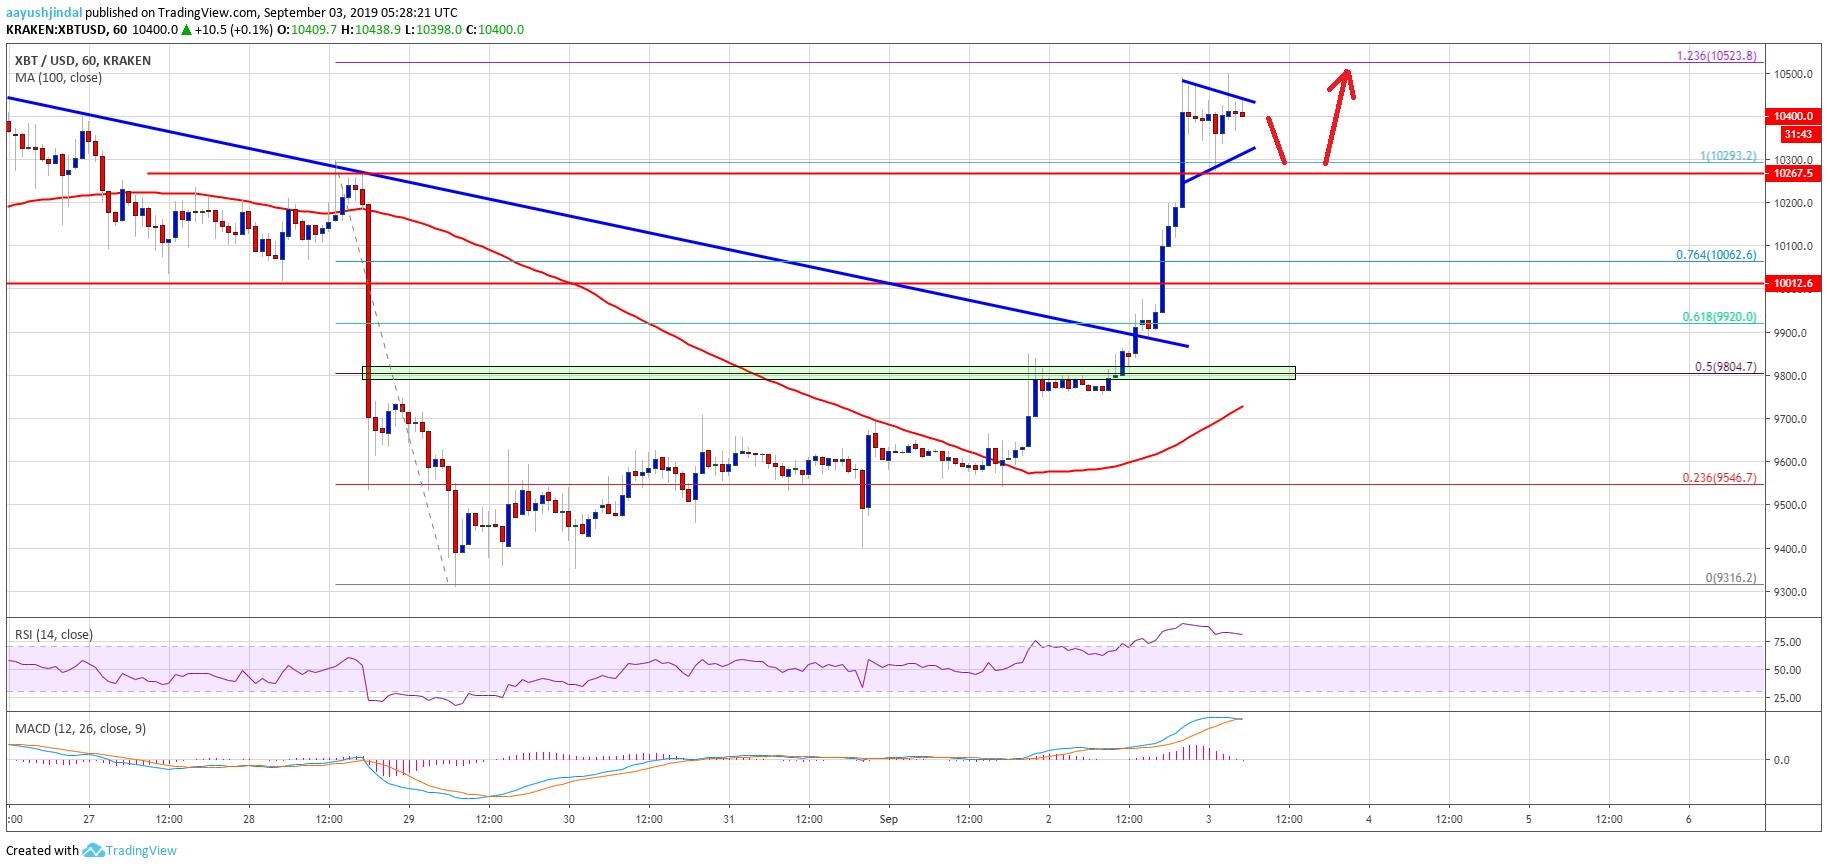 Bitcoin Price (BTC) Signaling Bullish Reversal: Can Bulls Break $10.5K?